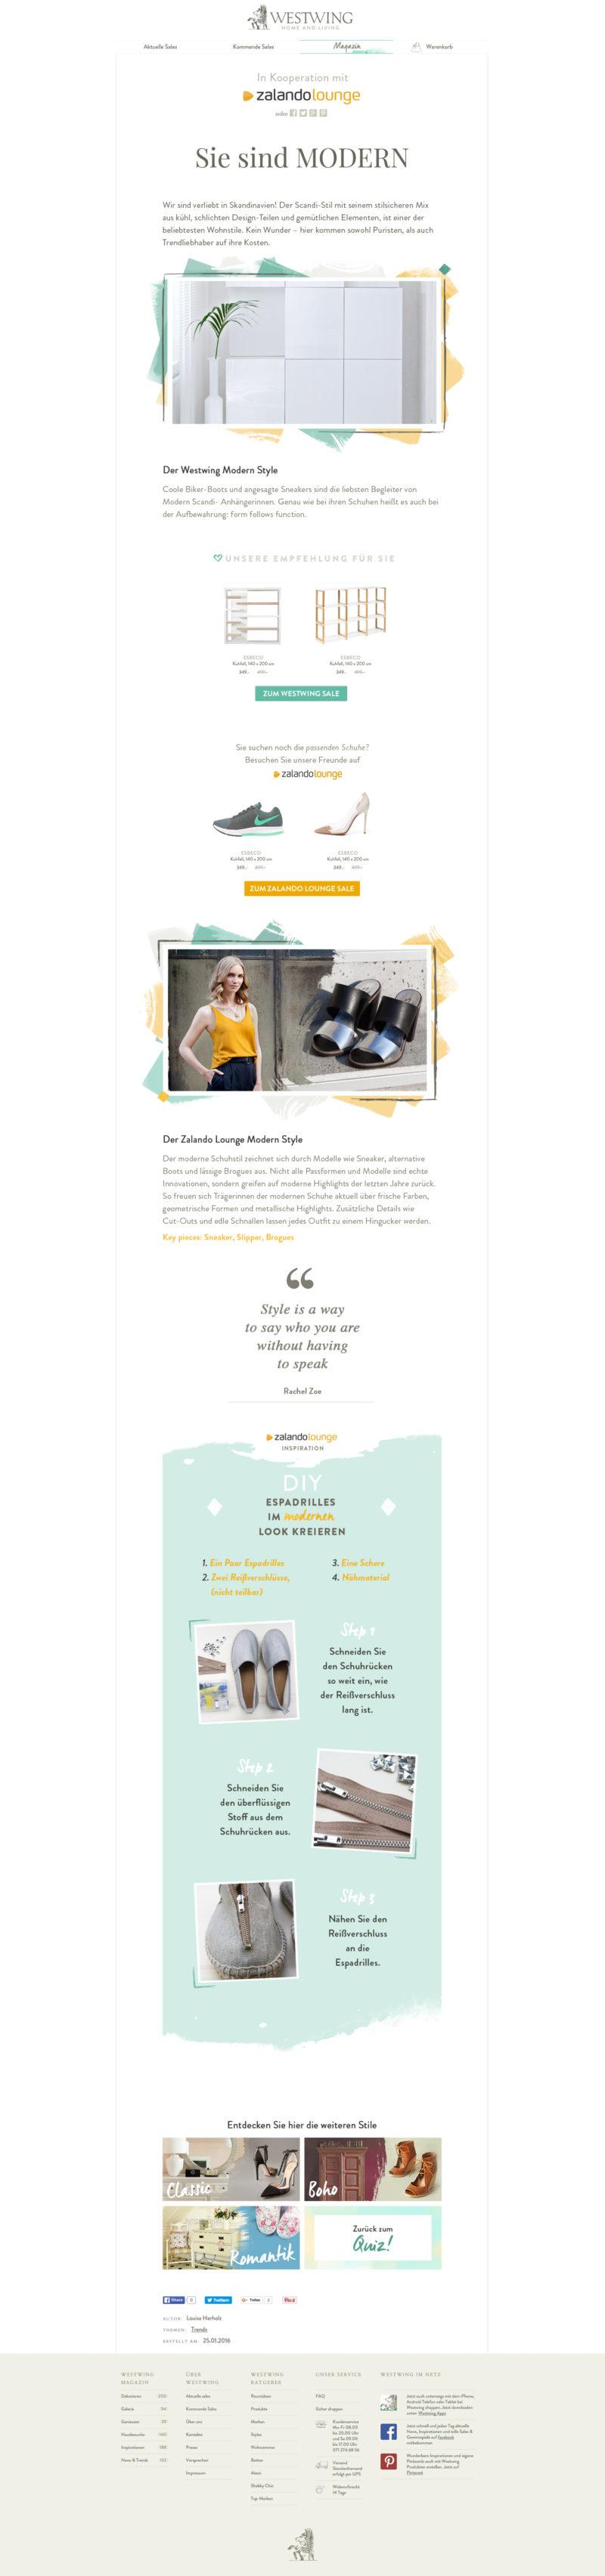 Bezauberndenana Fashionblog Lifestyleblog Interior Einrichtung